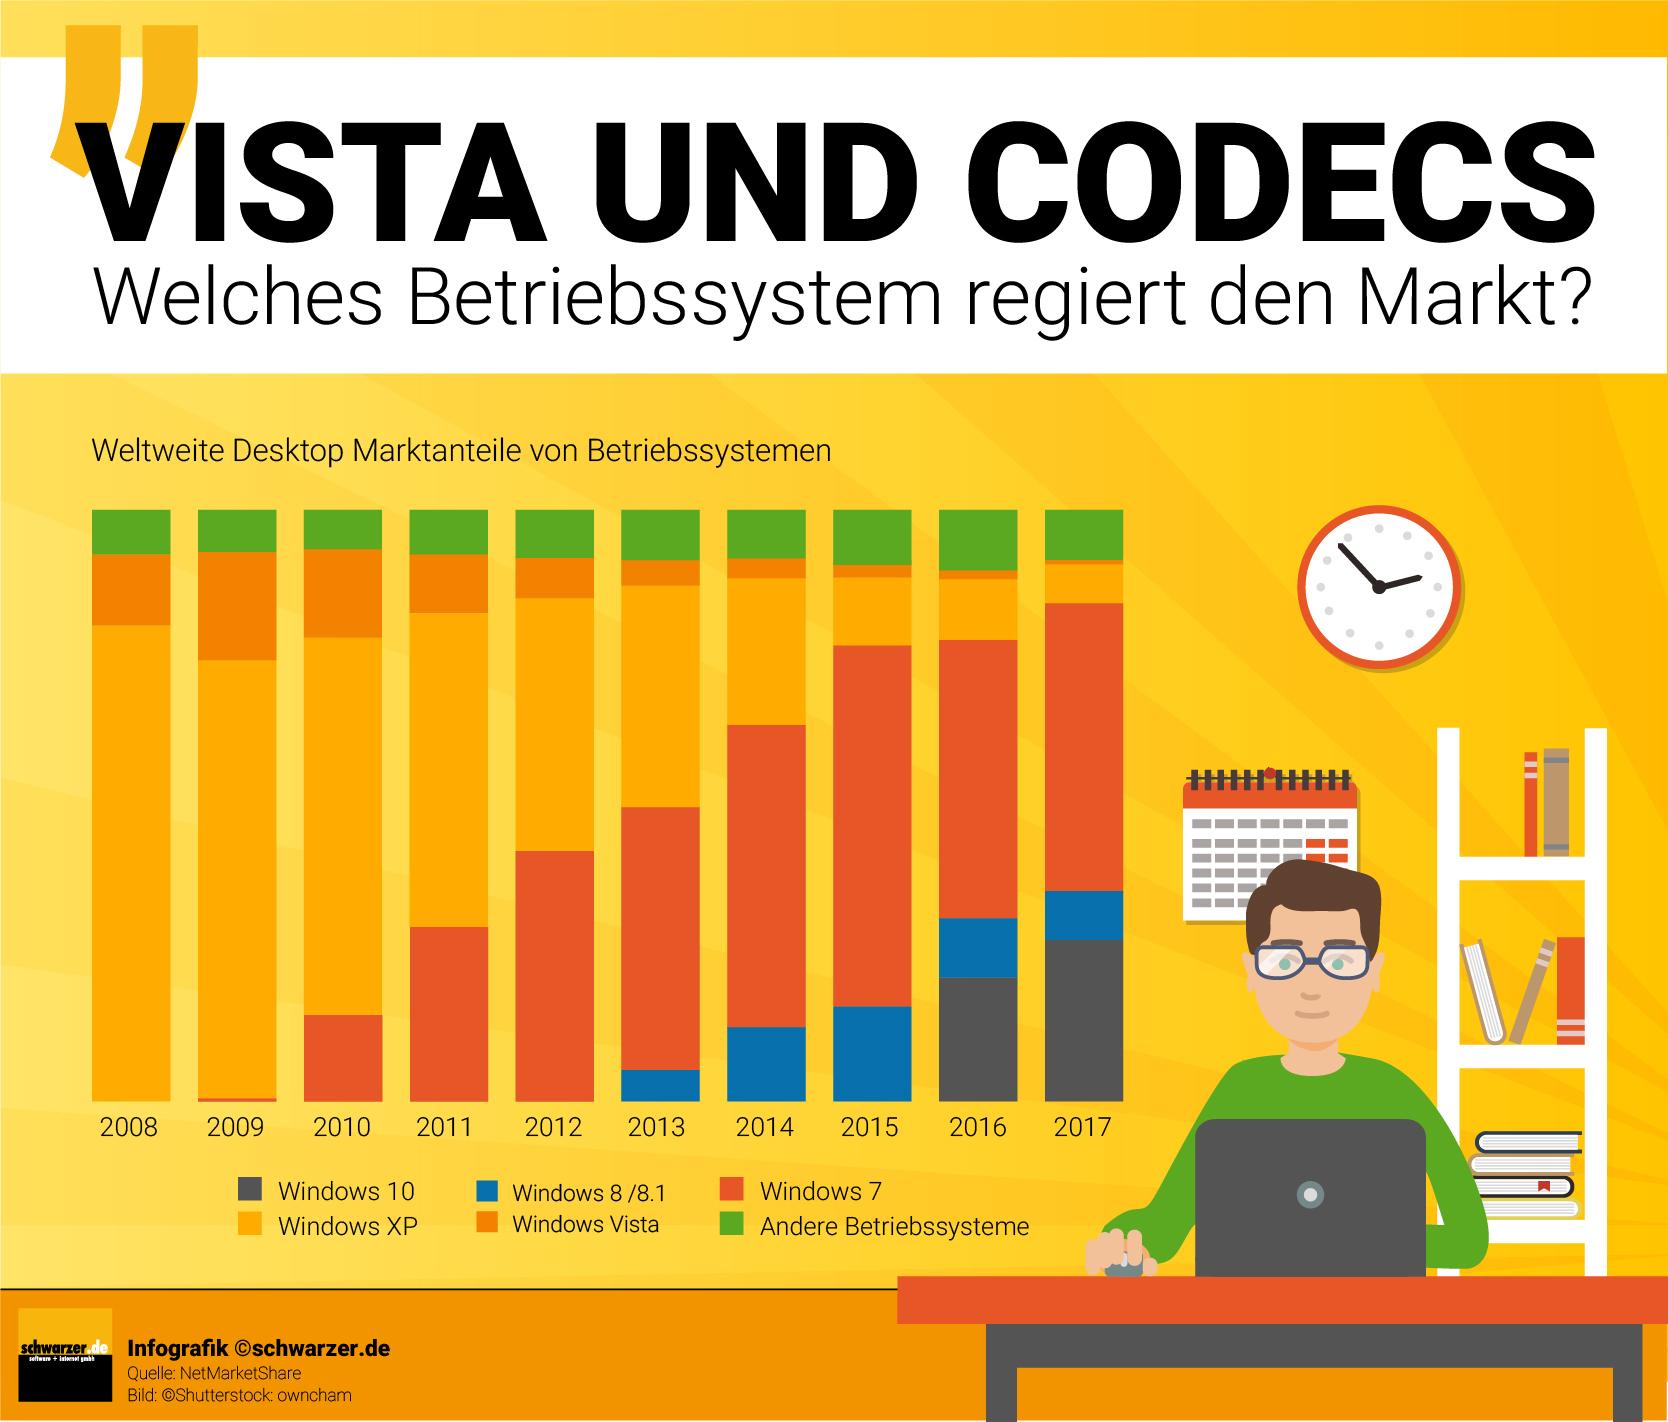 Infografik: Vista & Videocodecs - Welches Betriebssystem regiert den Markt? Weltweite Desktop Marktanteile von Betriebssystemen.